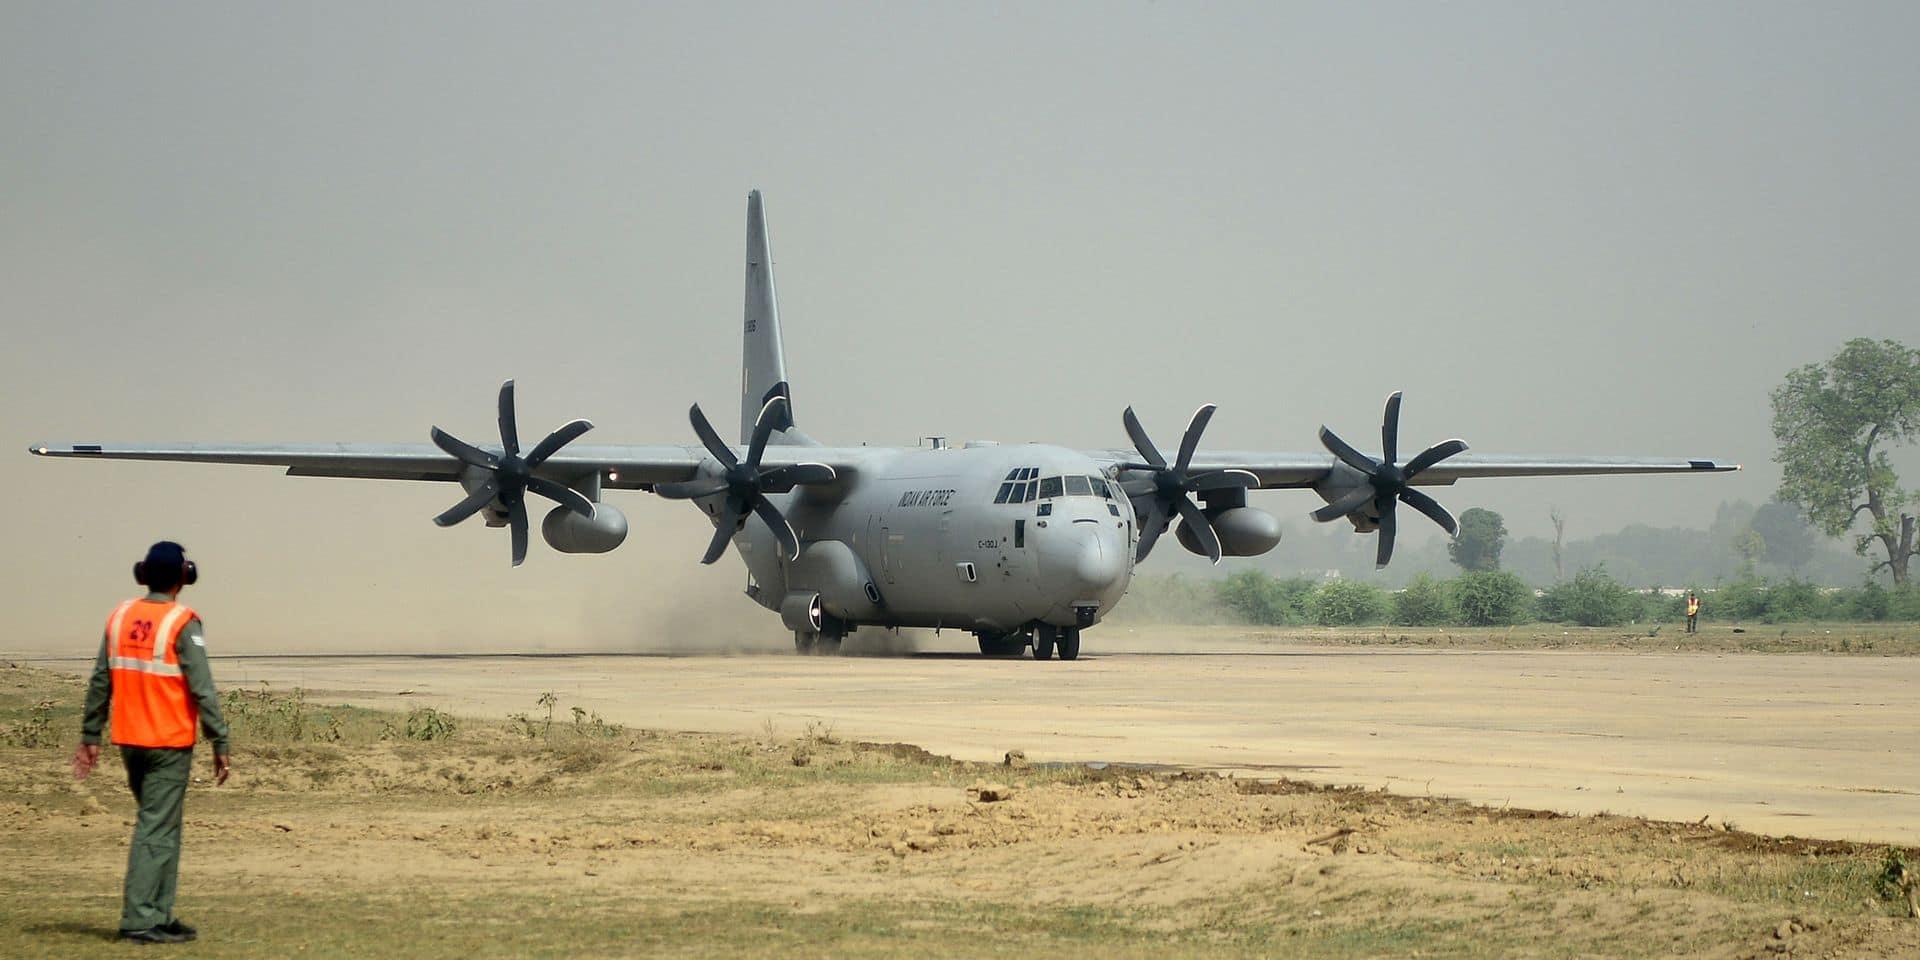 Des pilotes américains visés et blessés par des lasers chinois à Djibouti